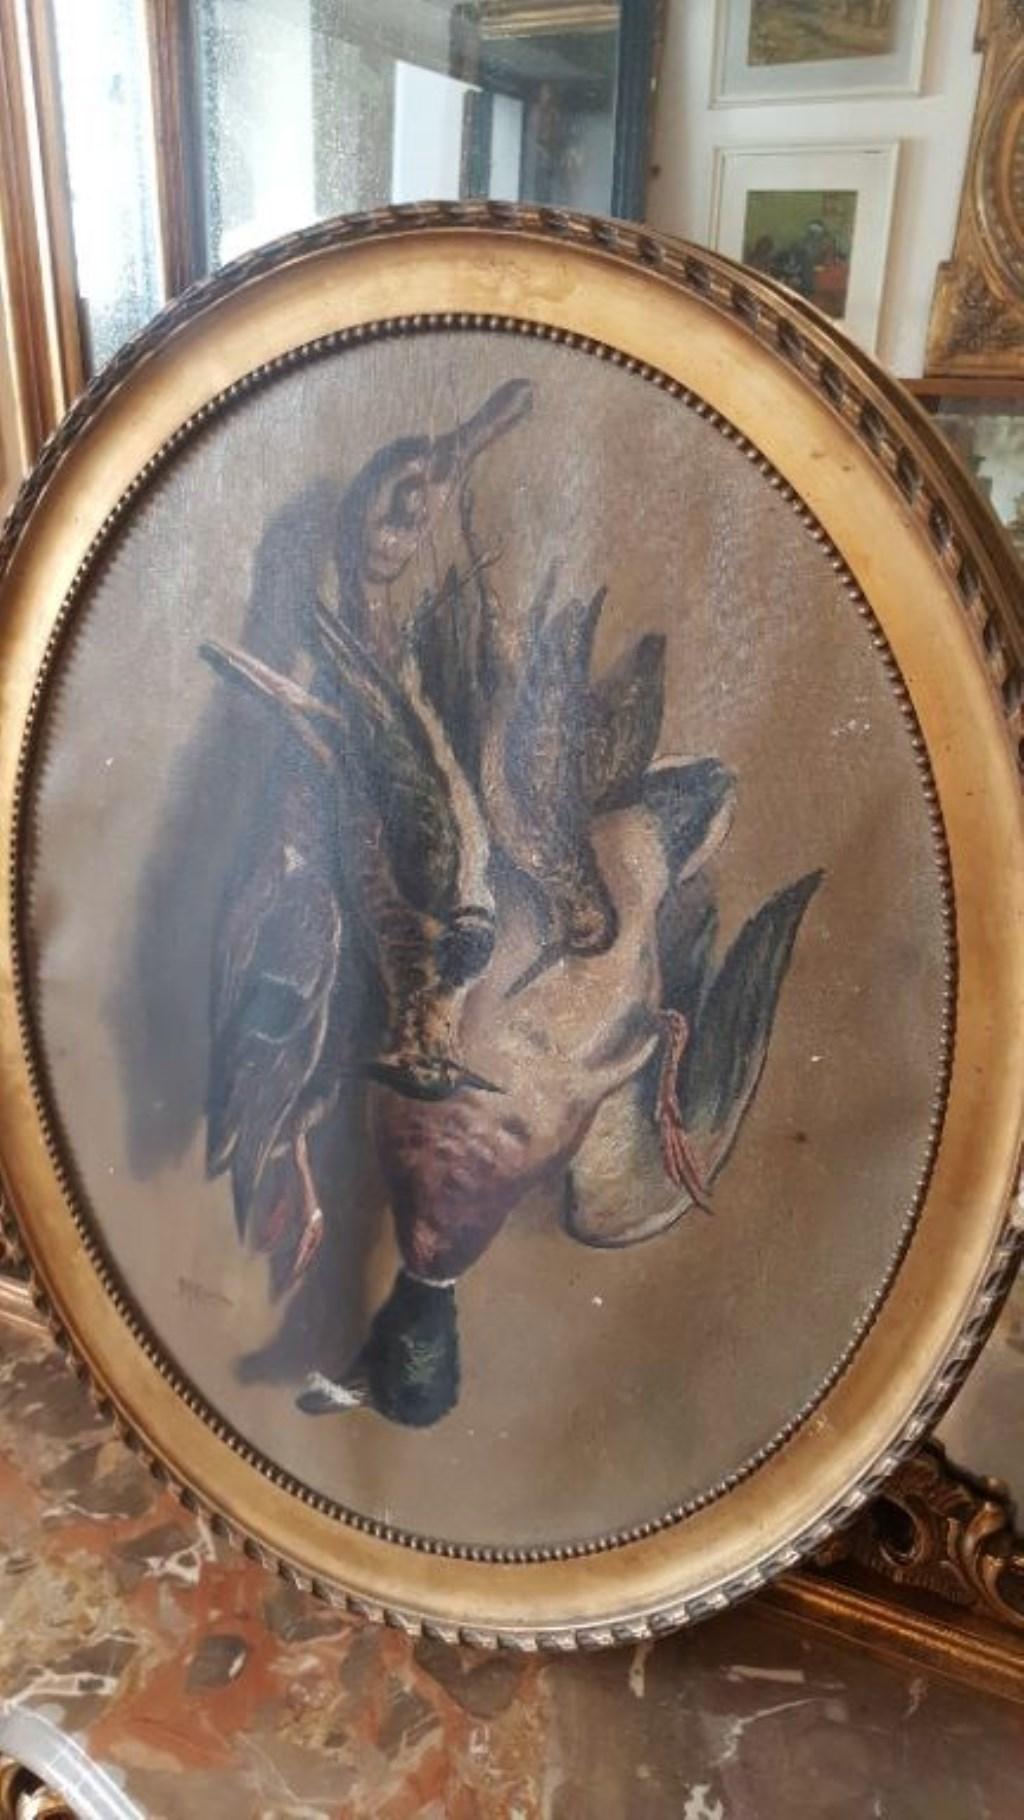 Hayvan temalı tablo resmi